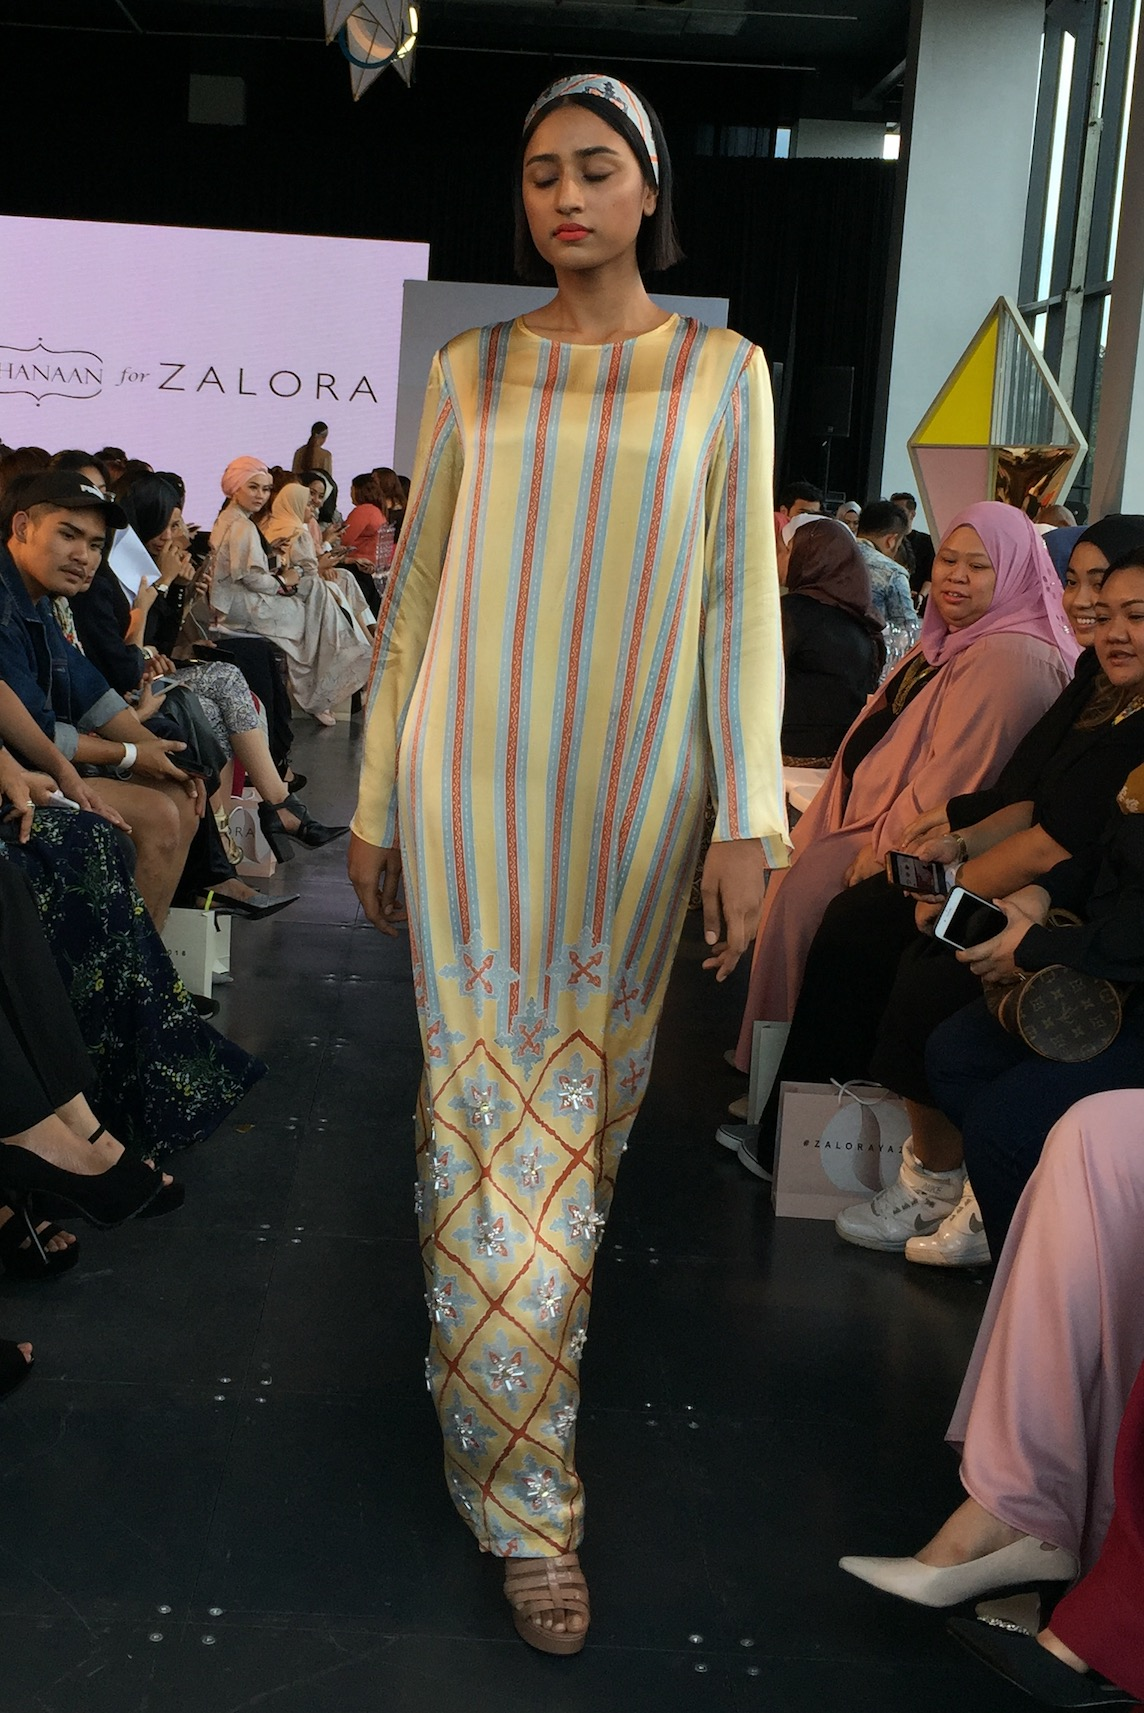 17 Ide Baju Muslim Ini akan Buat Lebaran Kamu Makin Keren